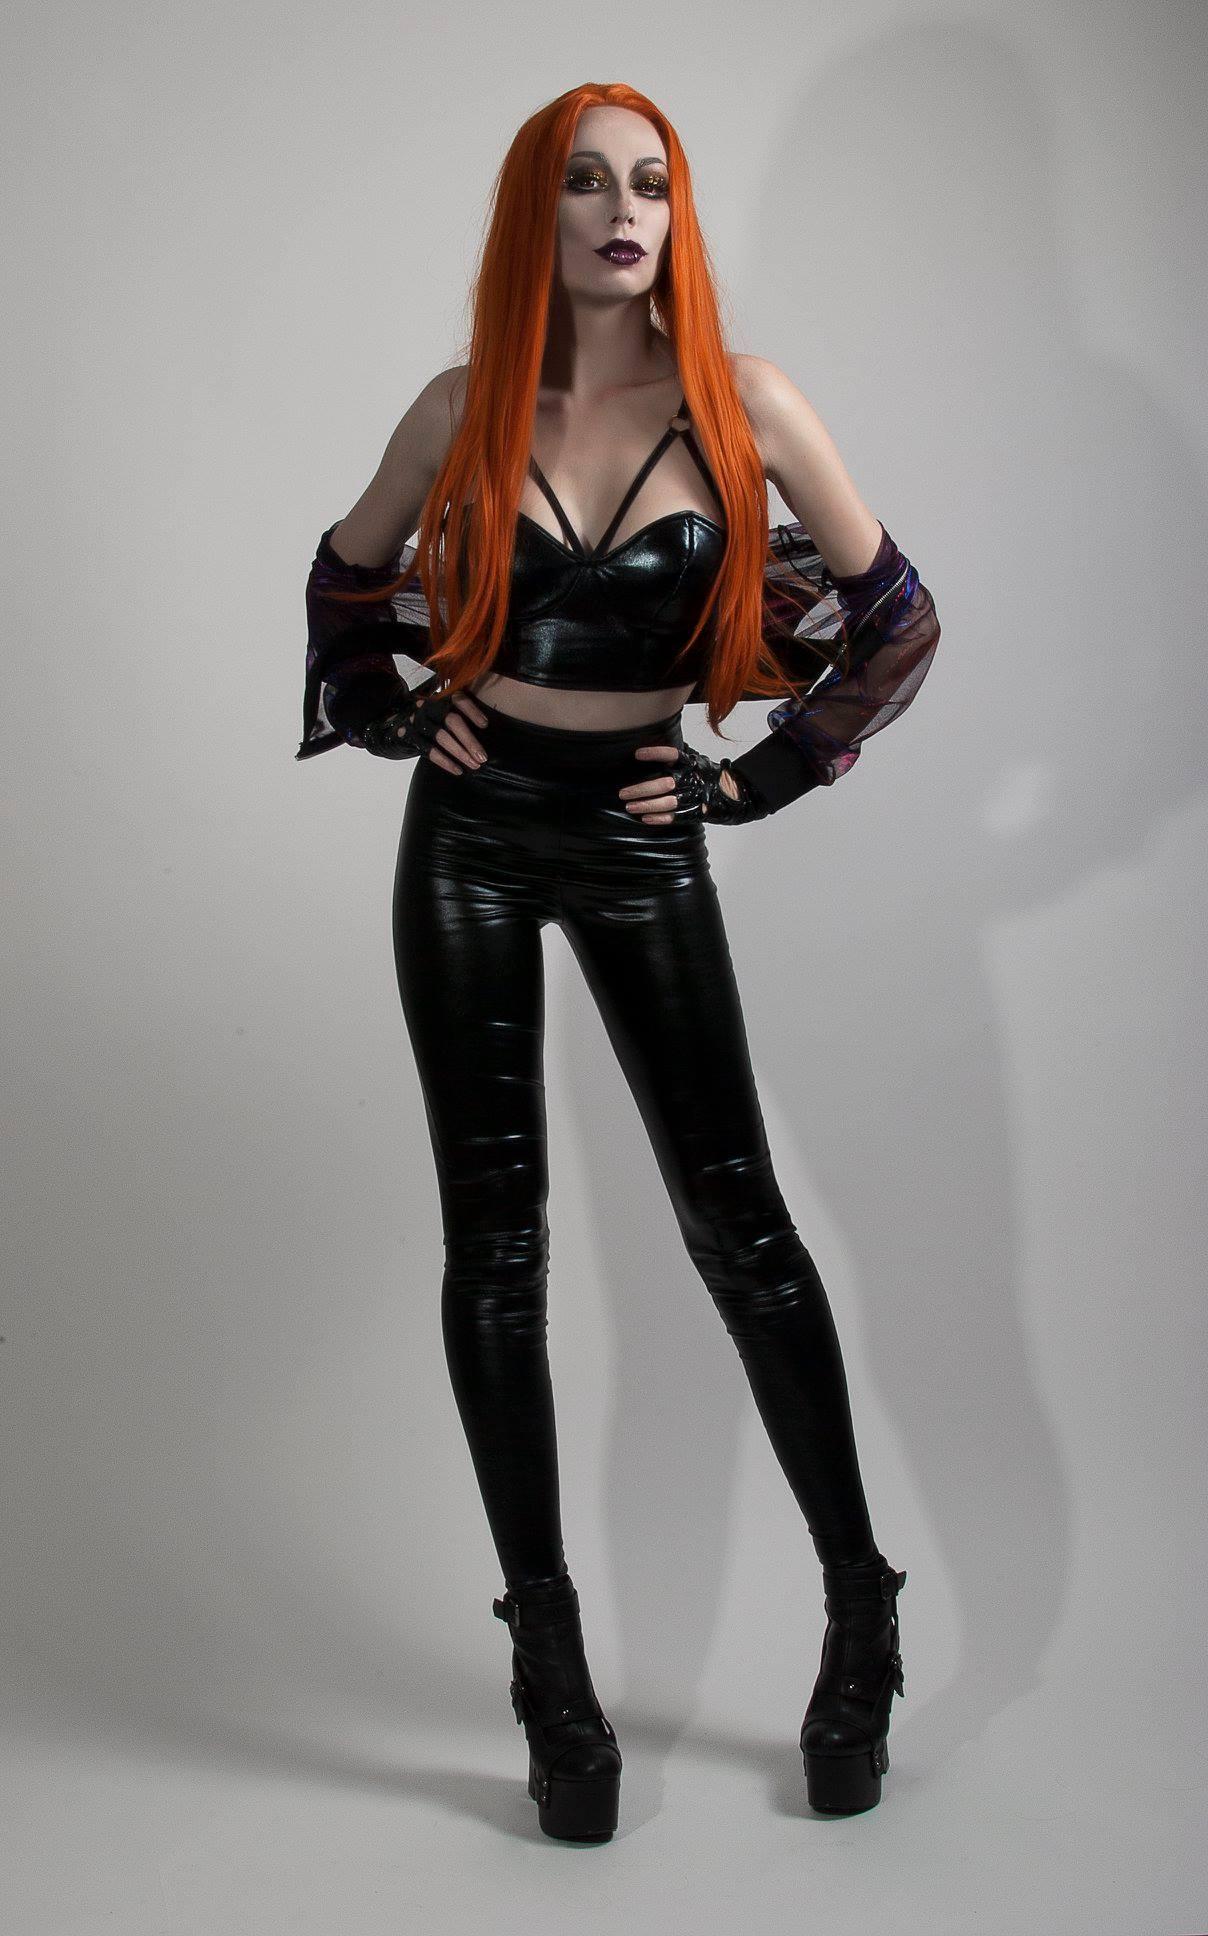 Katrin Lanfire